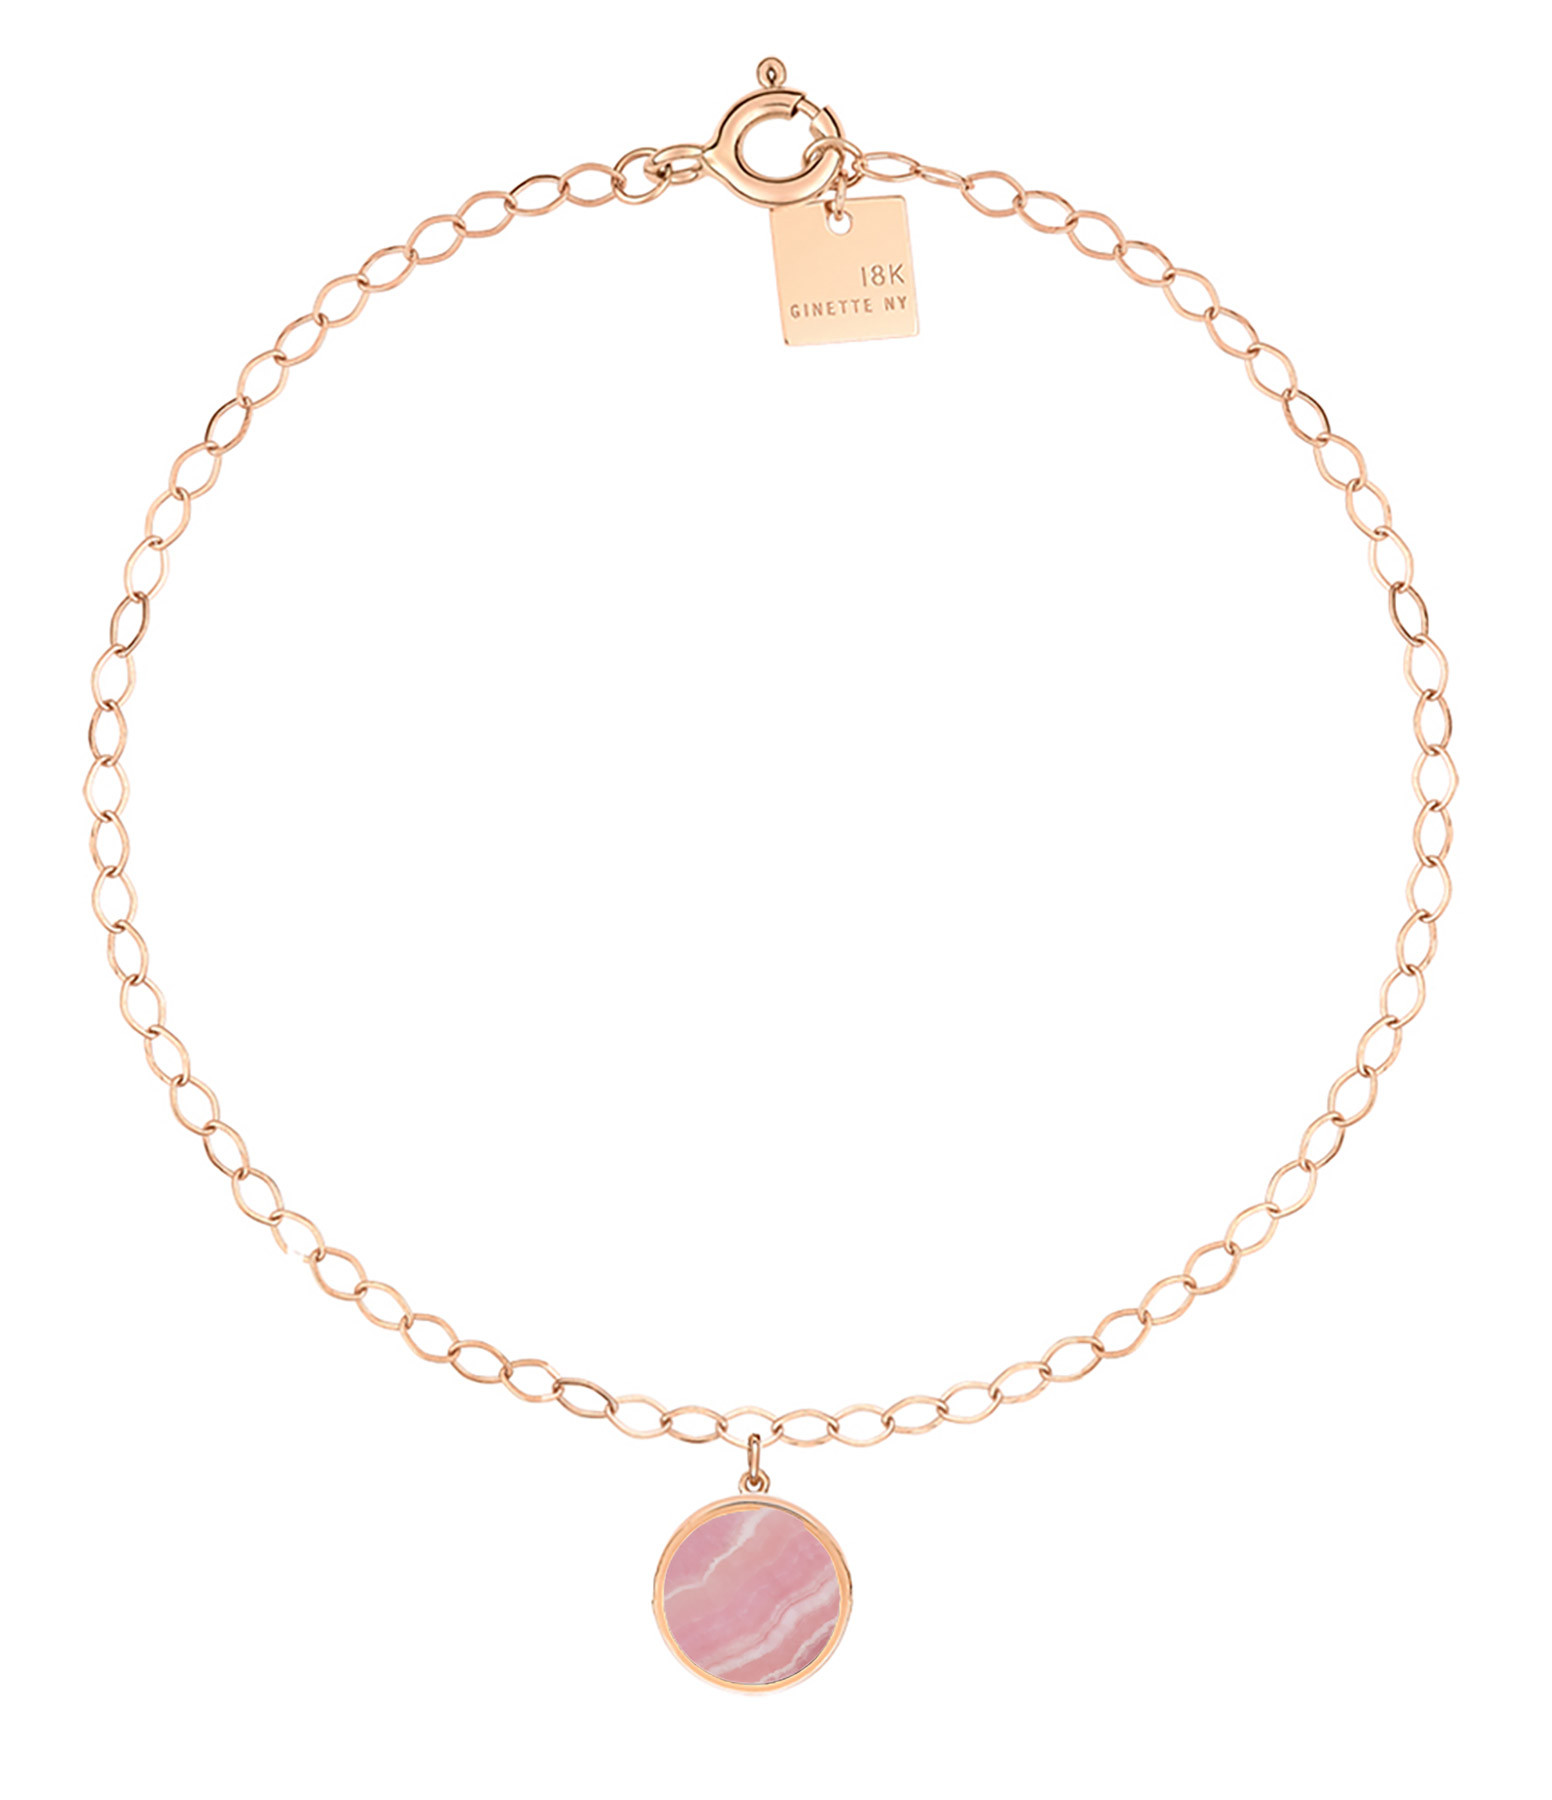 GINETTE NY - Bracelet de Cheville Ever Disc Or Rose Rhodocrosite